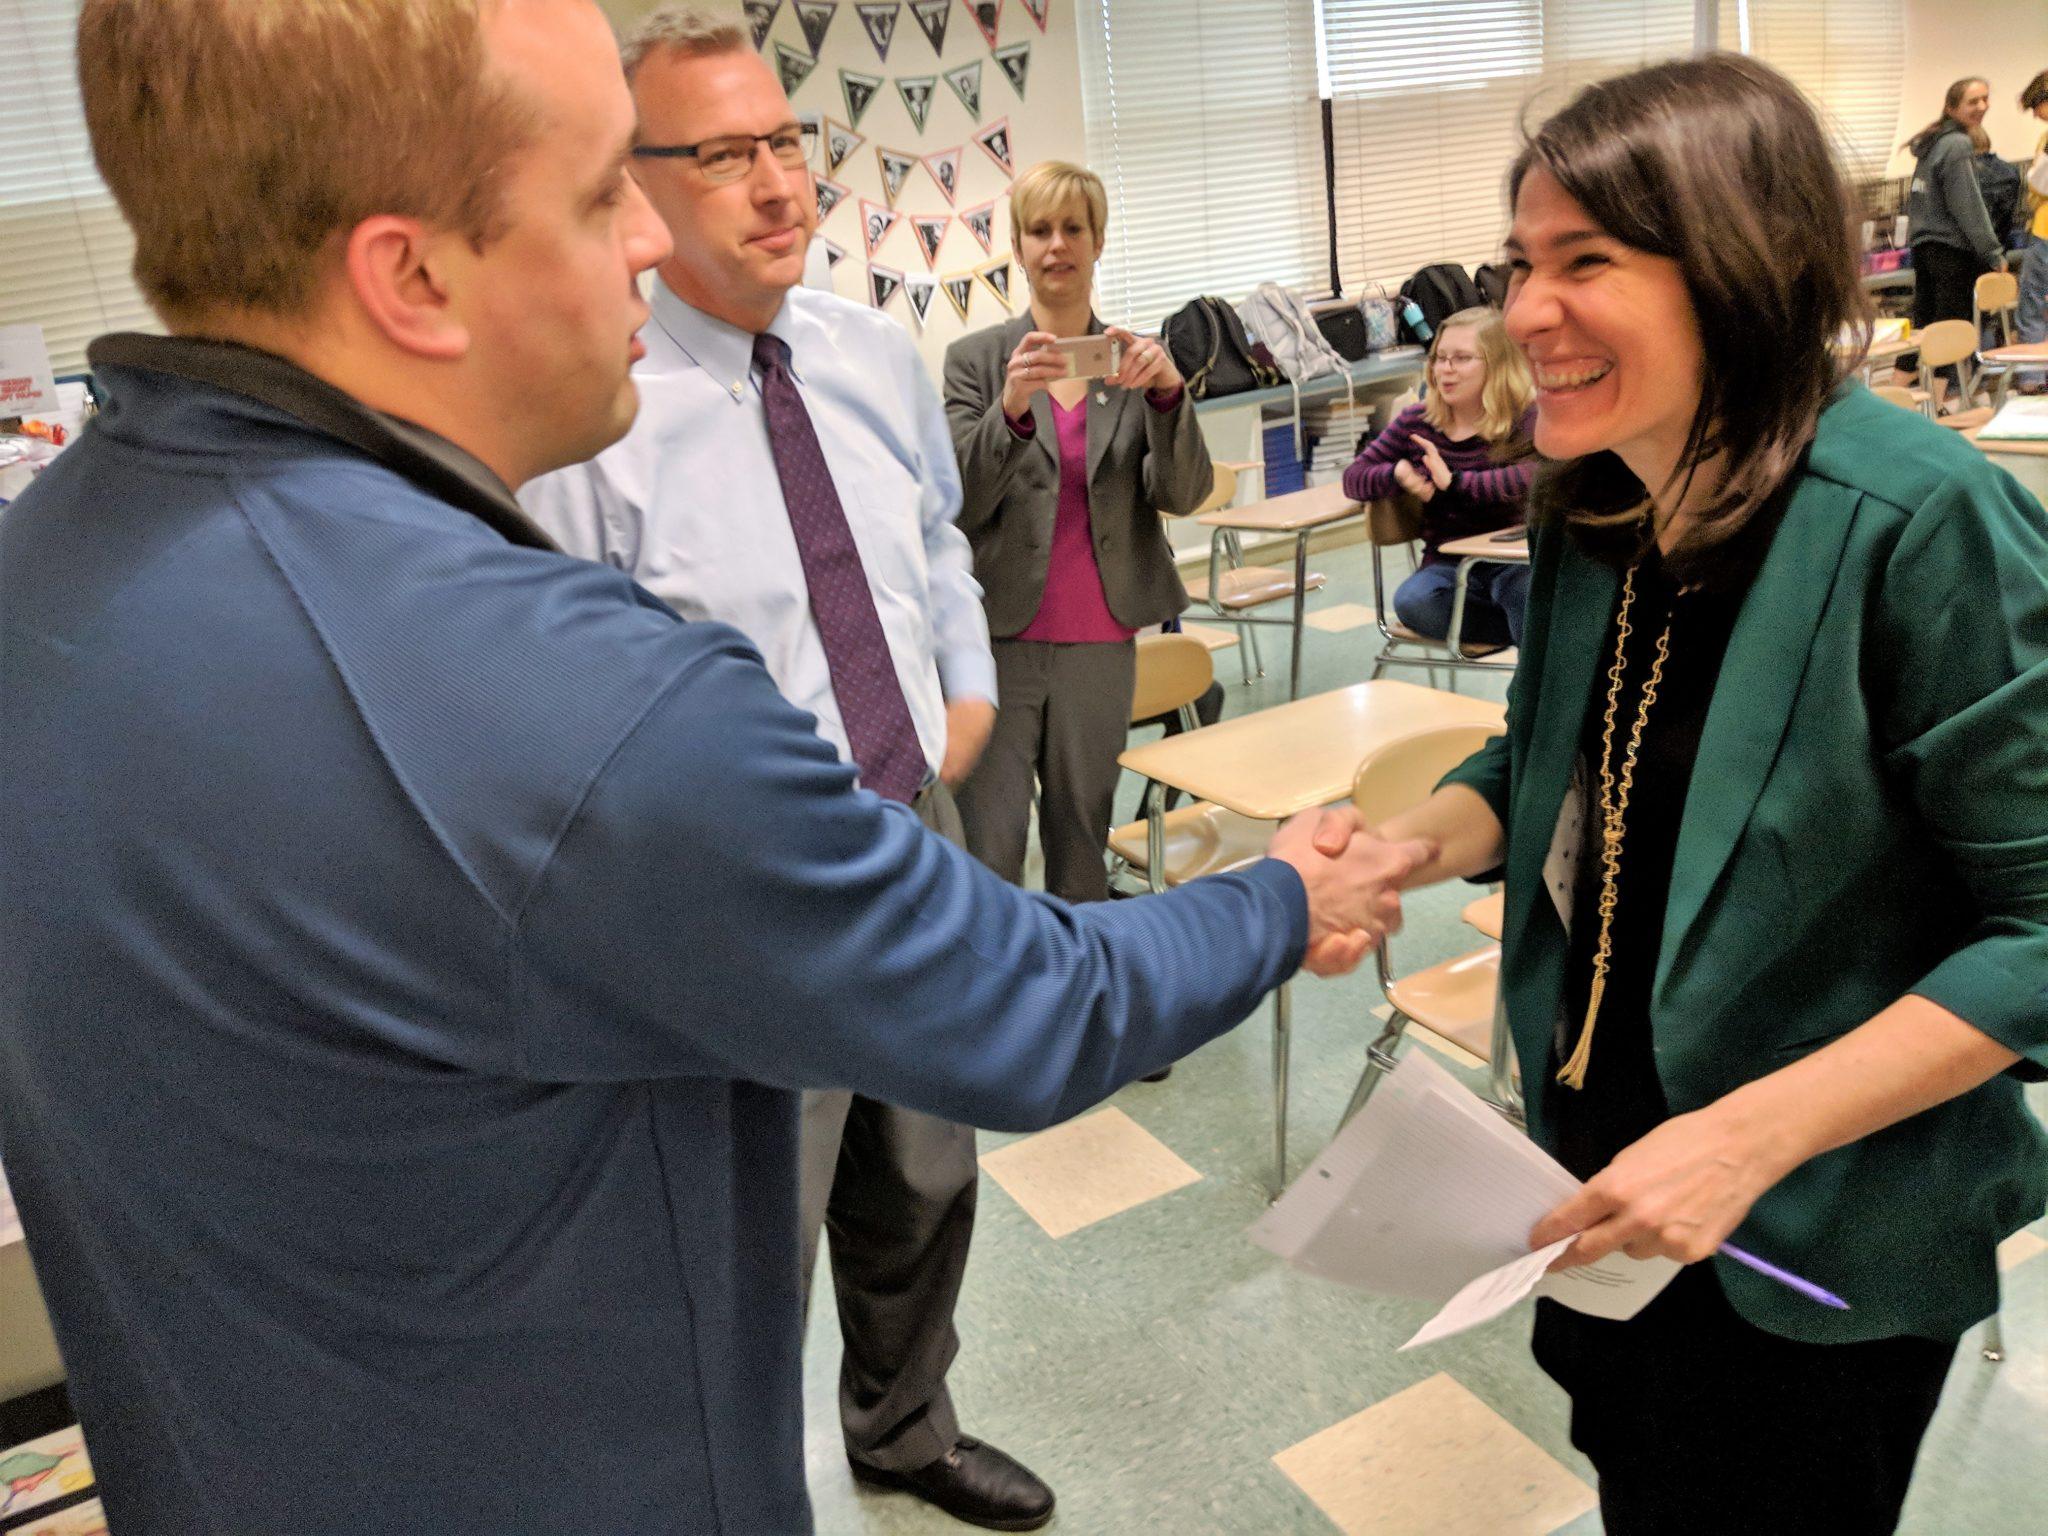 Cutler congratulates Maria Vita.